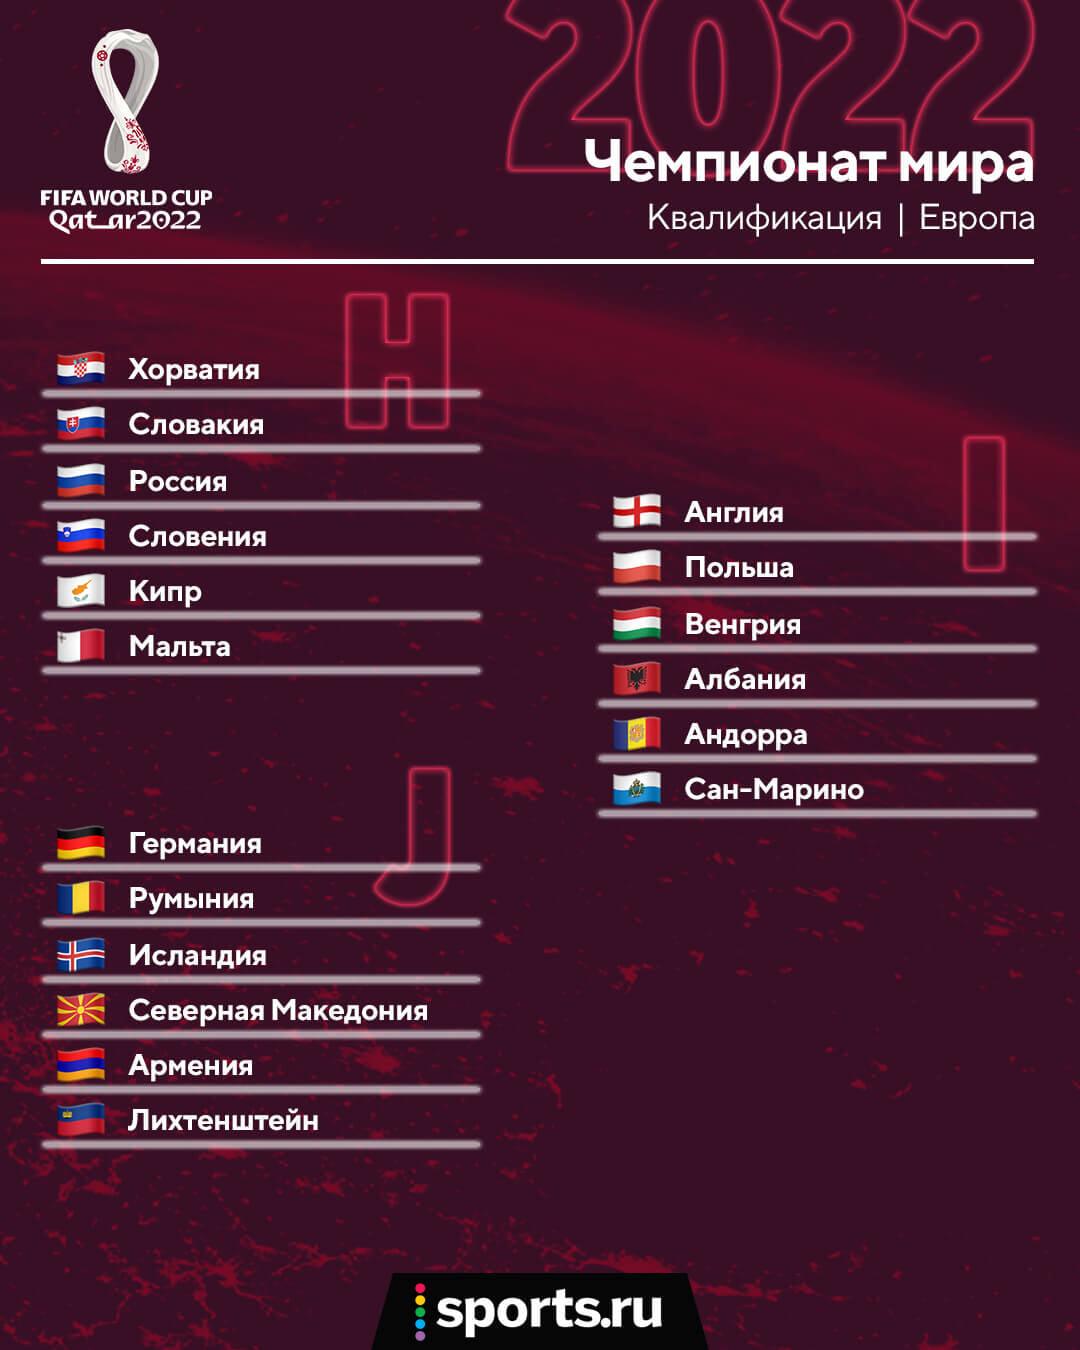 Хорватия, Словакия, Словения, Кипр и Мальта – наша компания на отбор к ЧМ-2022